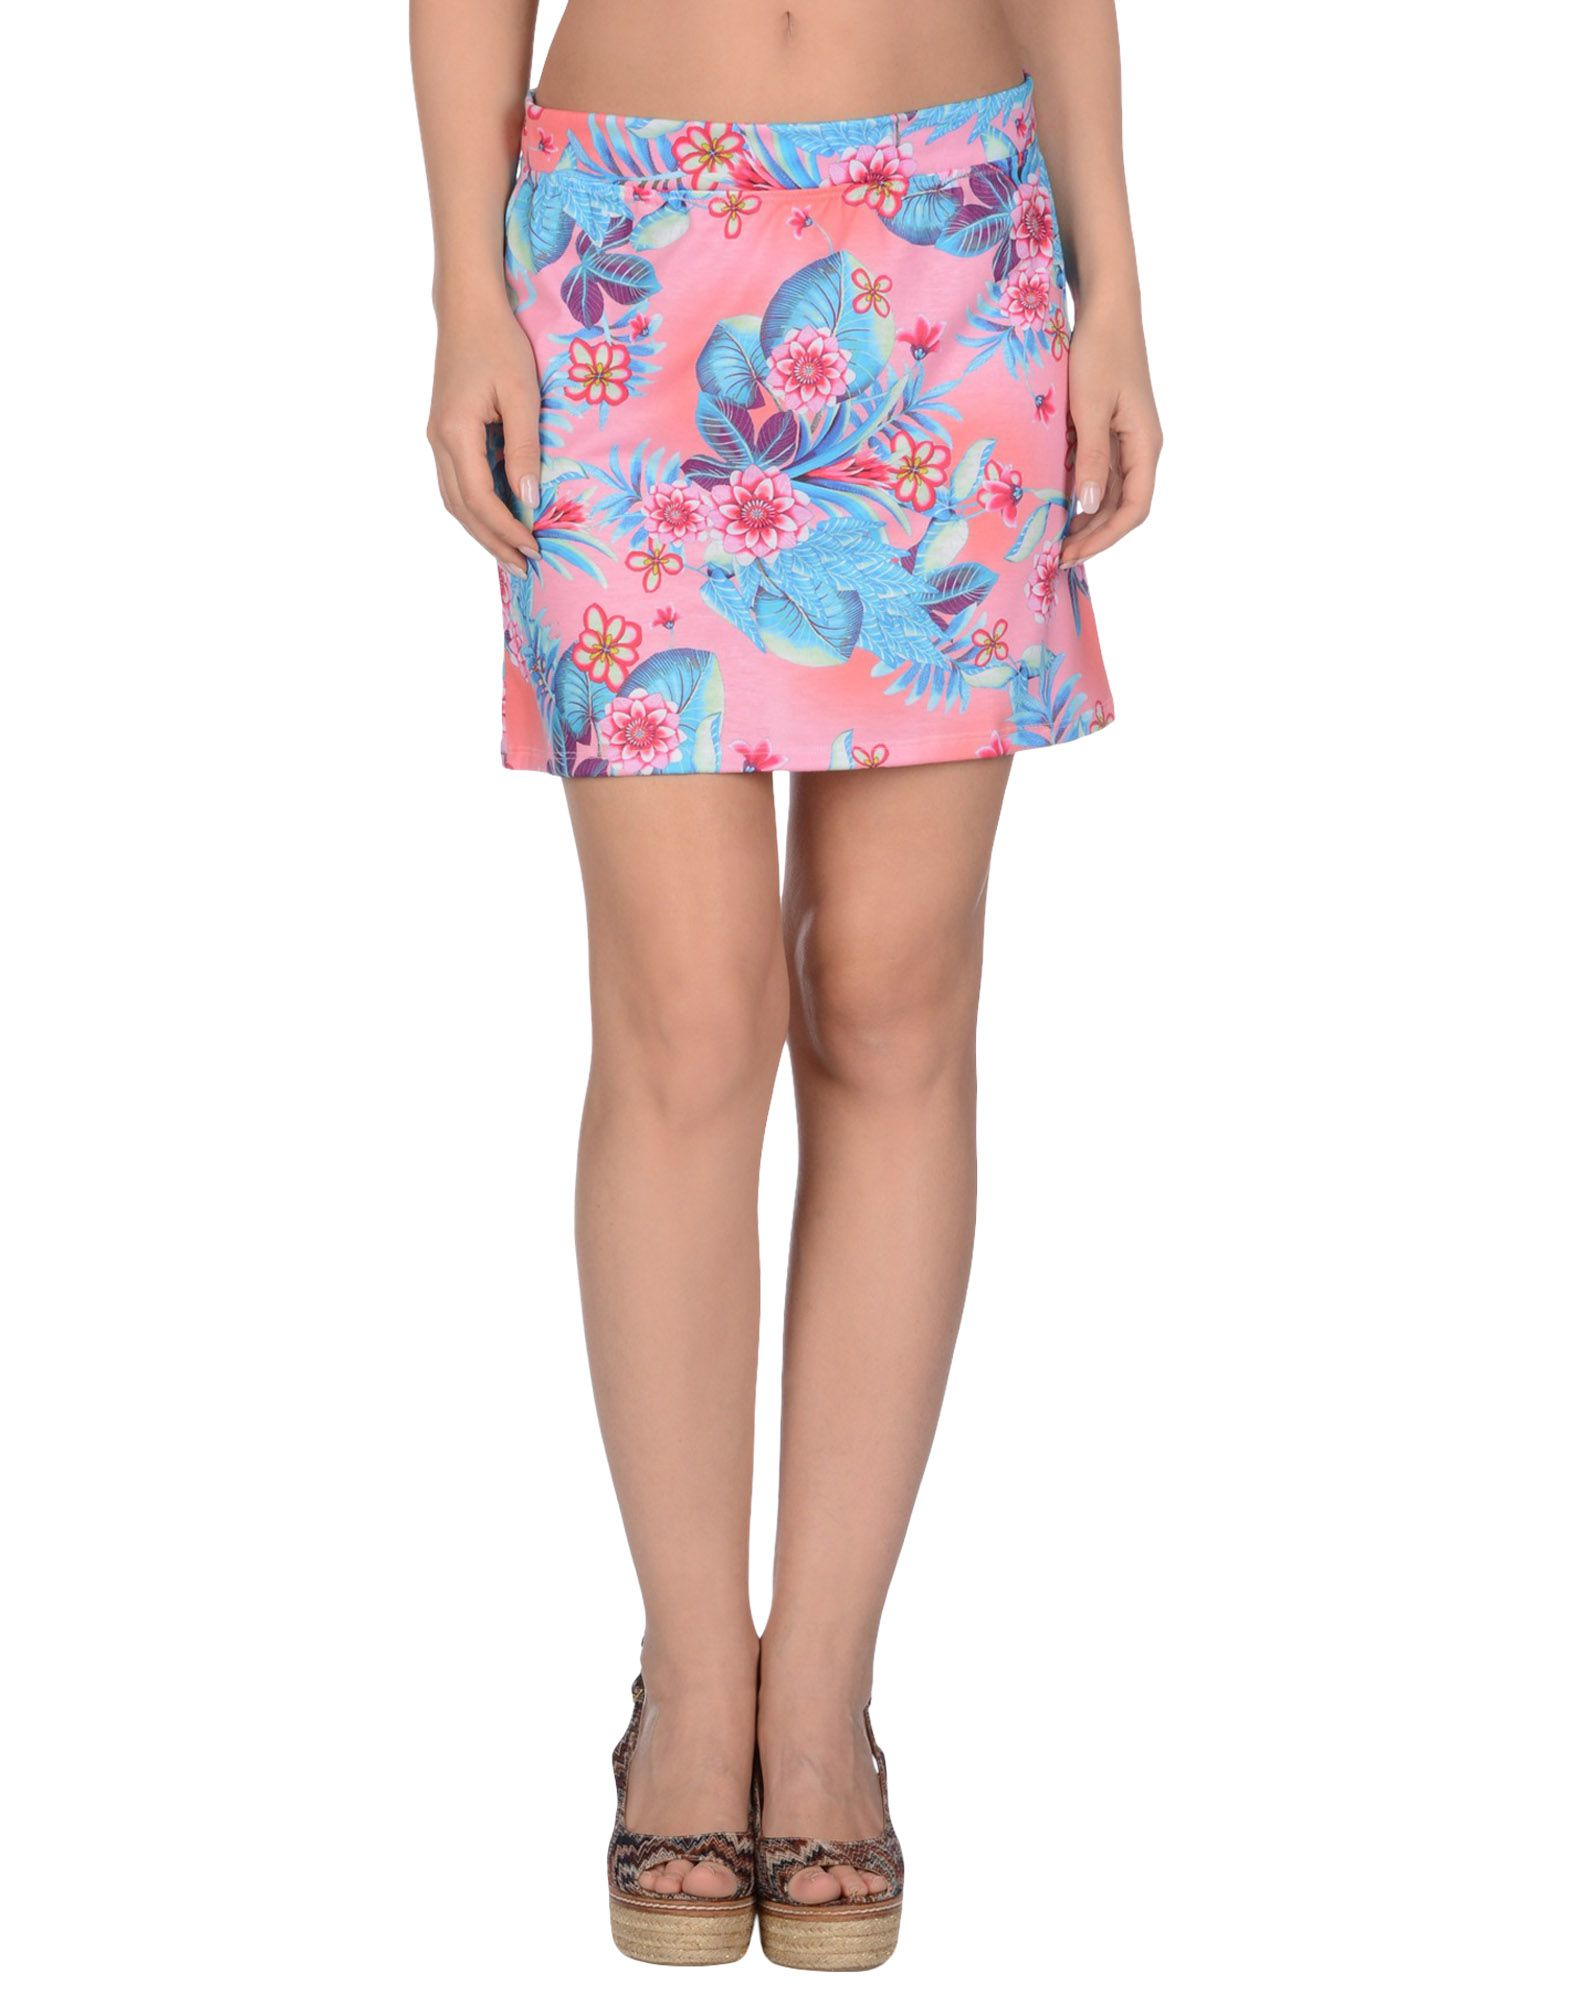 Miss Skirt 34